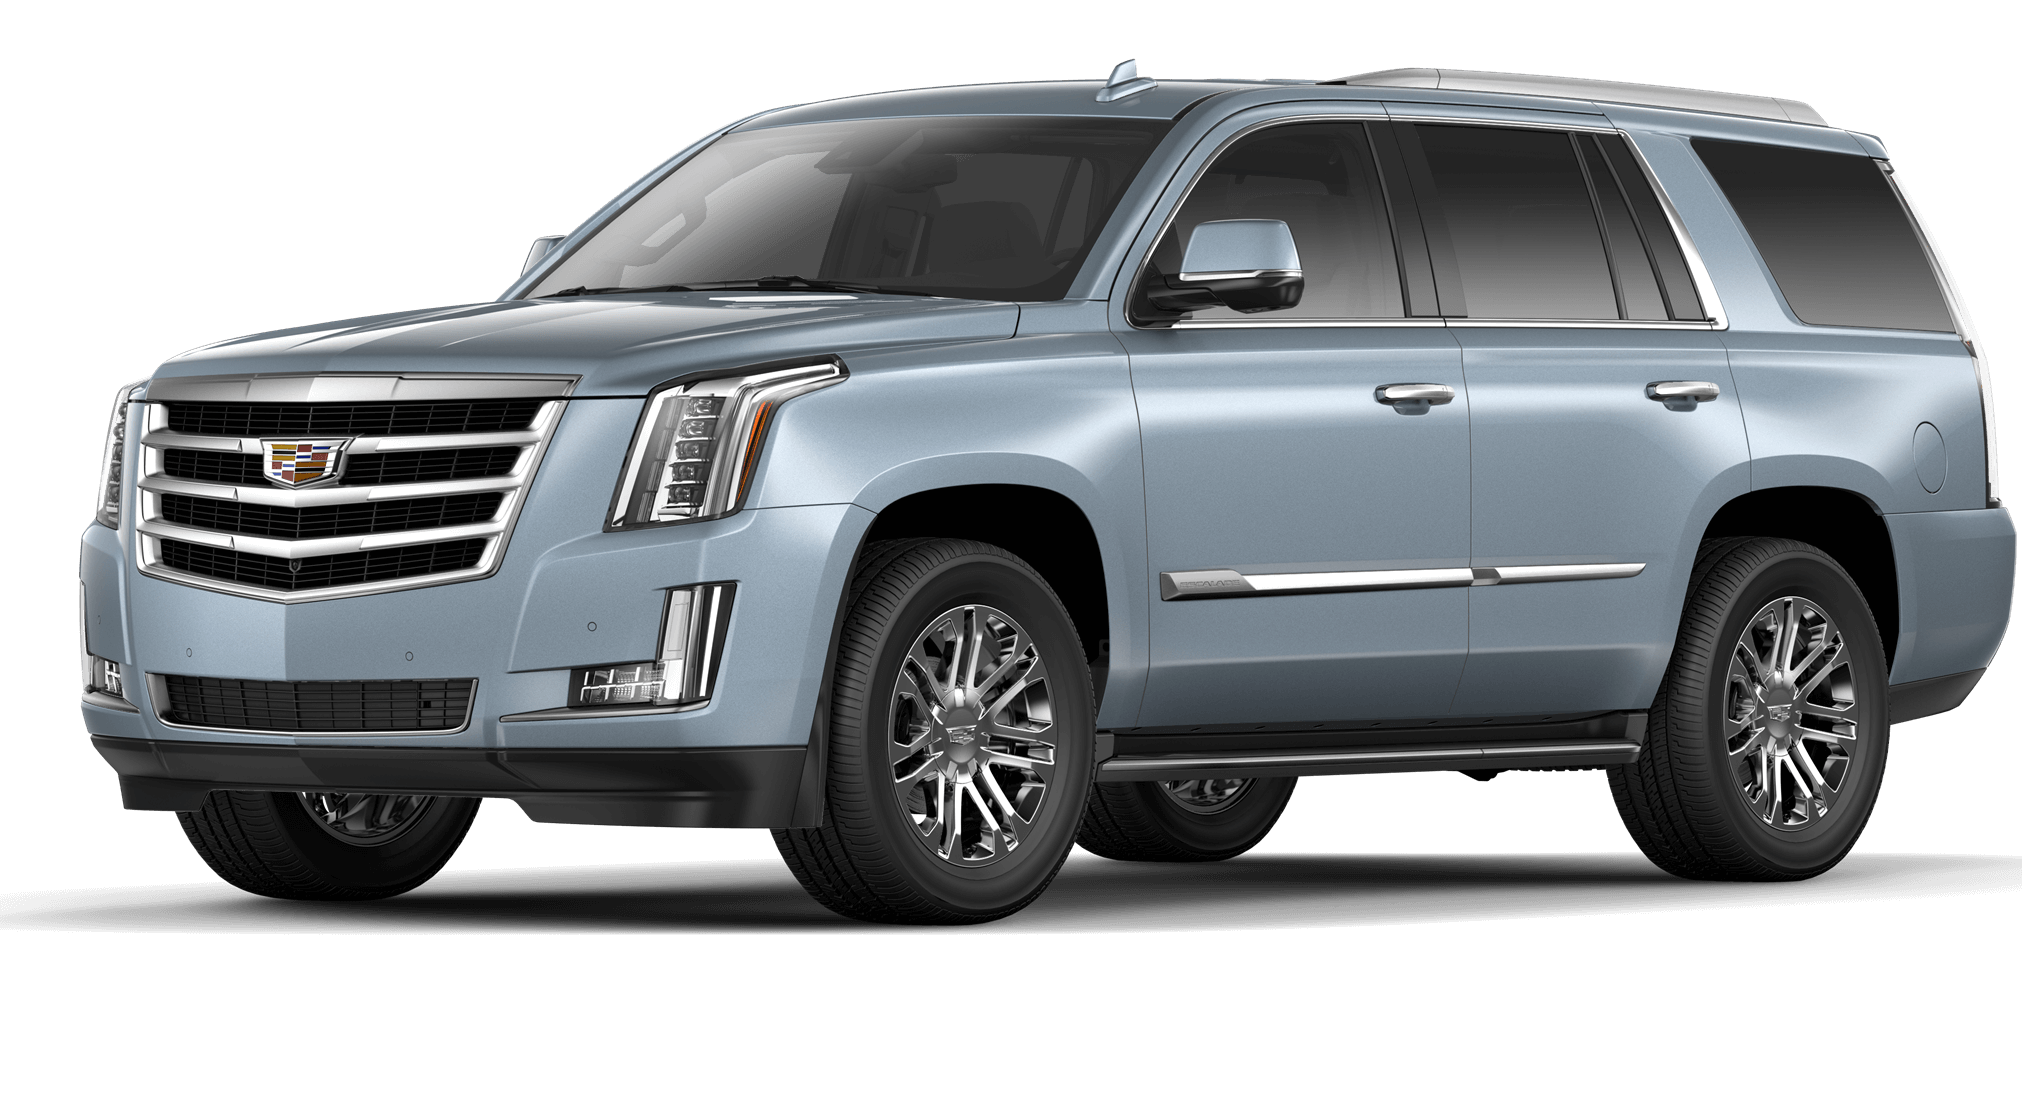 Cadillac Escalade Gray Silk Metallic